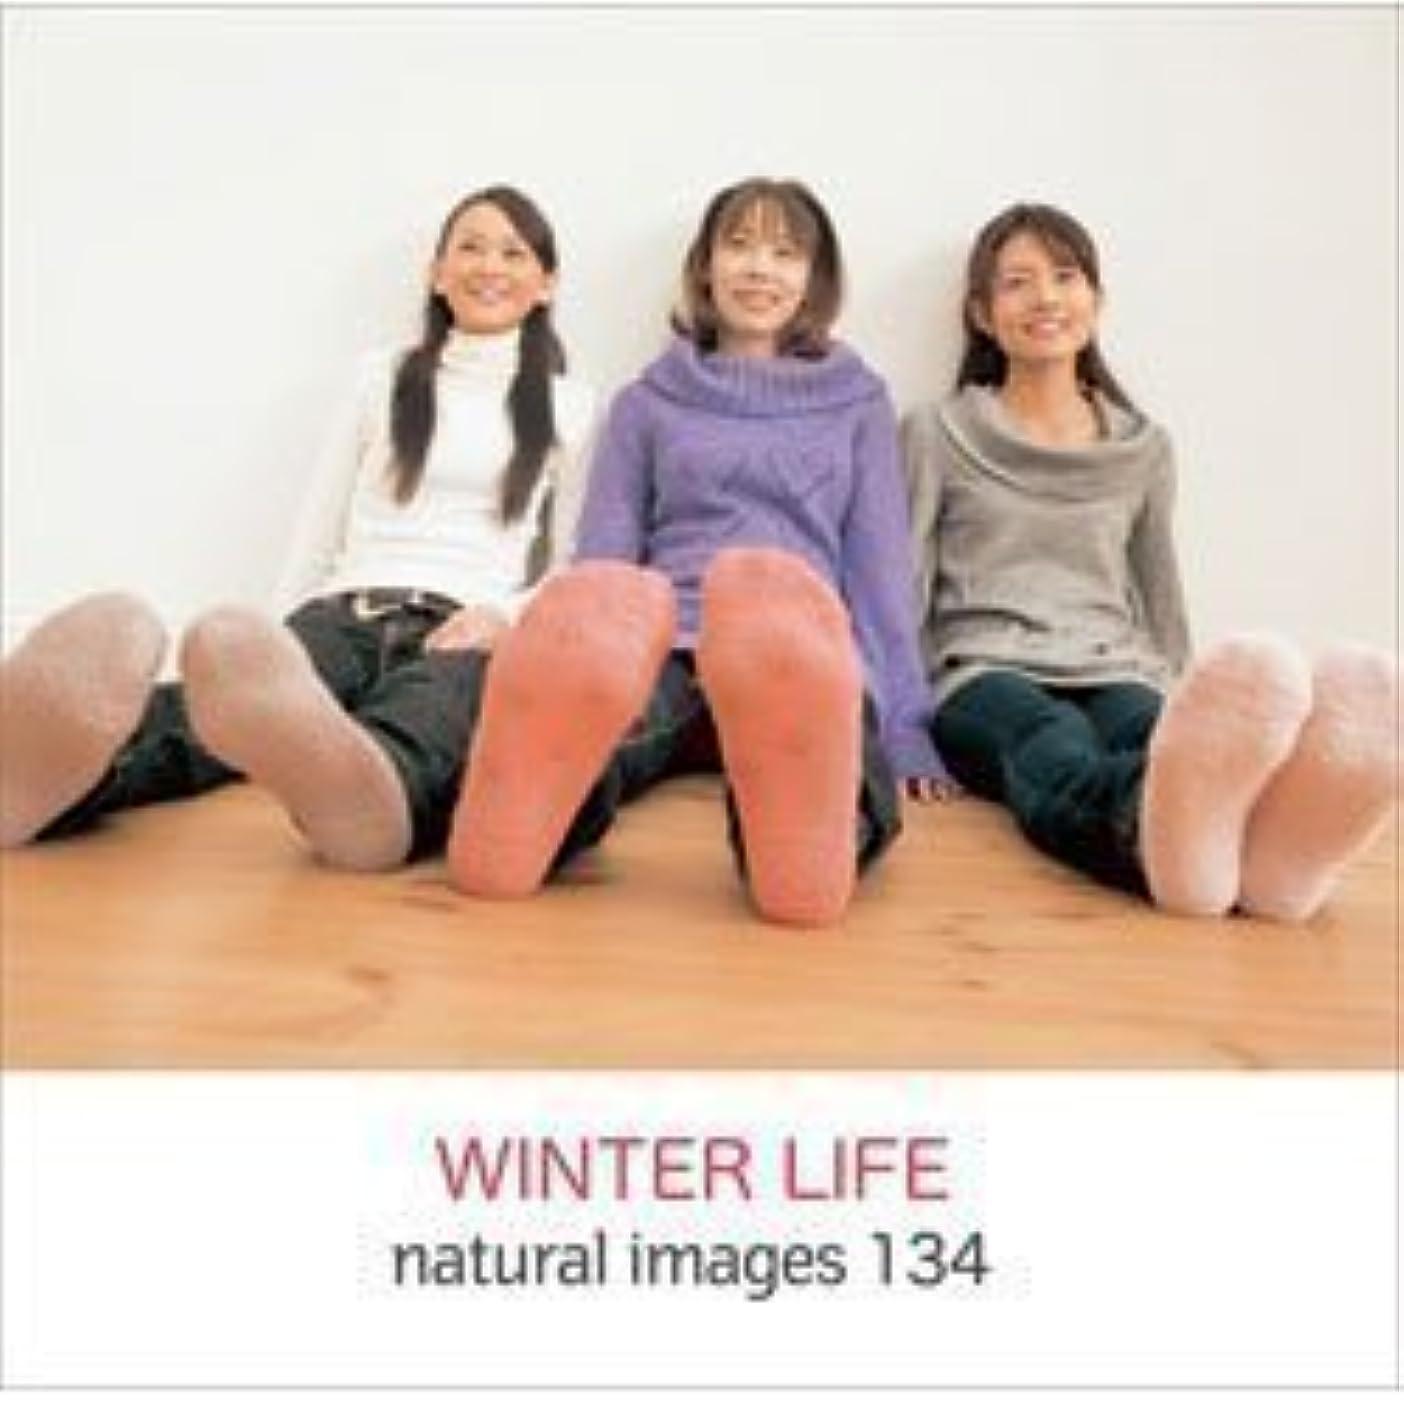 パン屋団結する宿るnaturalimages Vol.134 WINTER LIFE